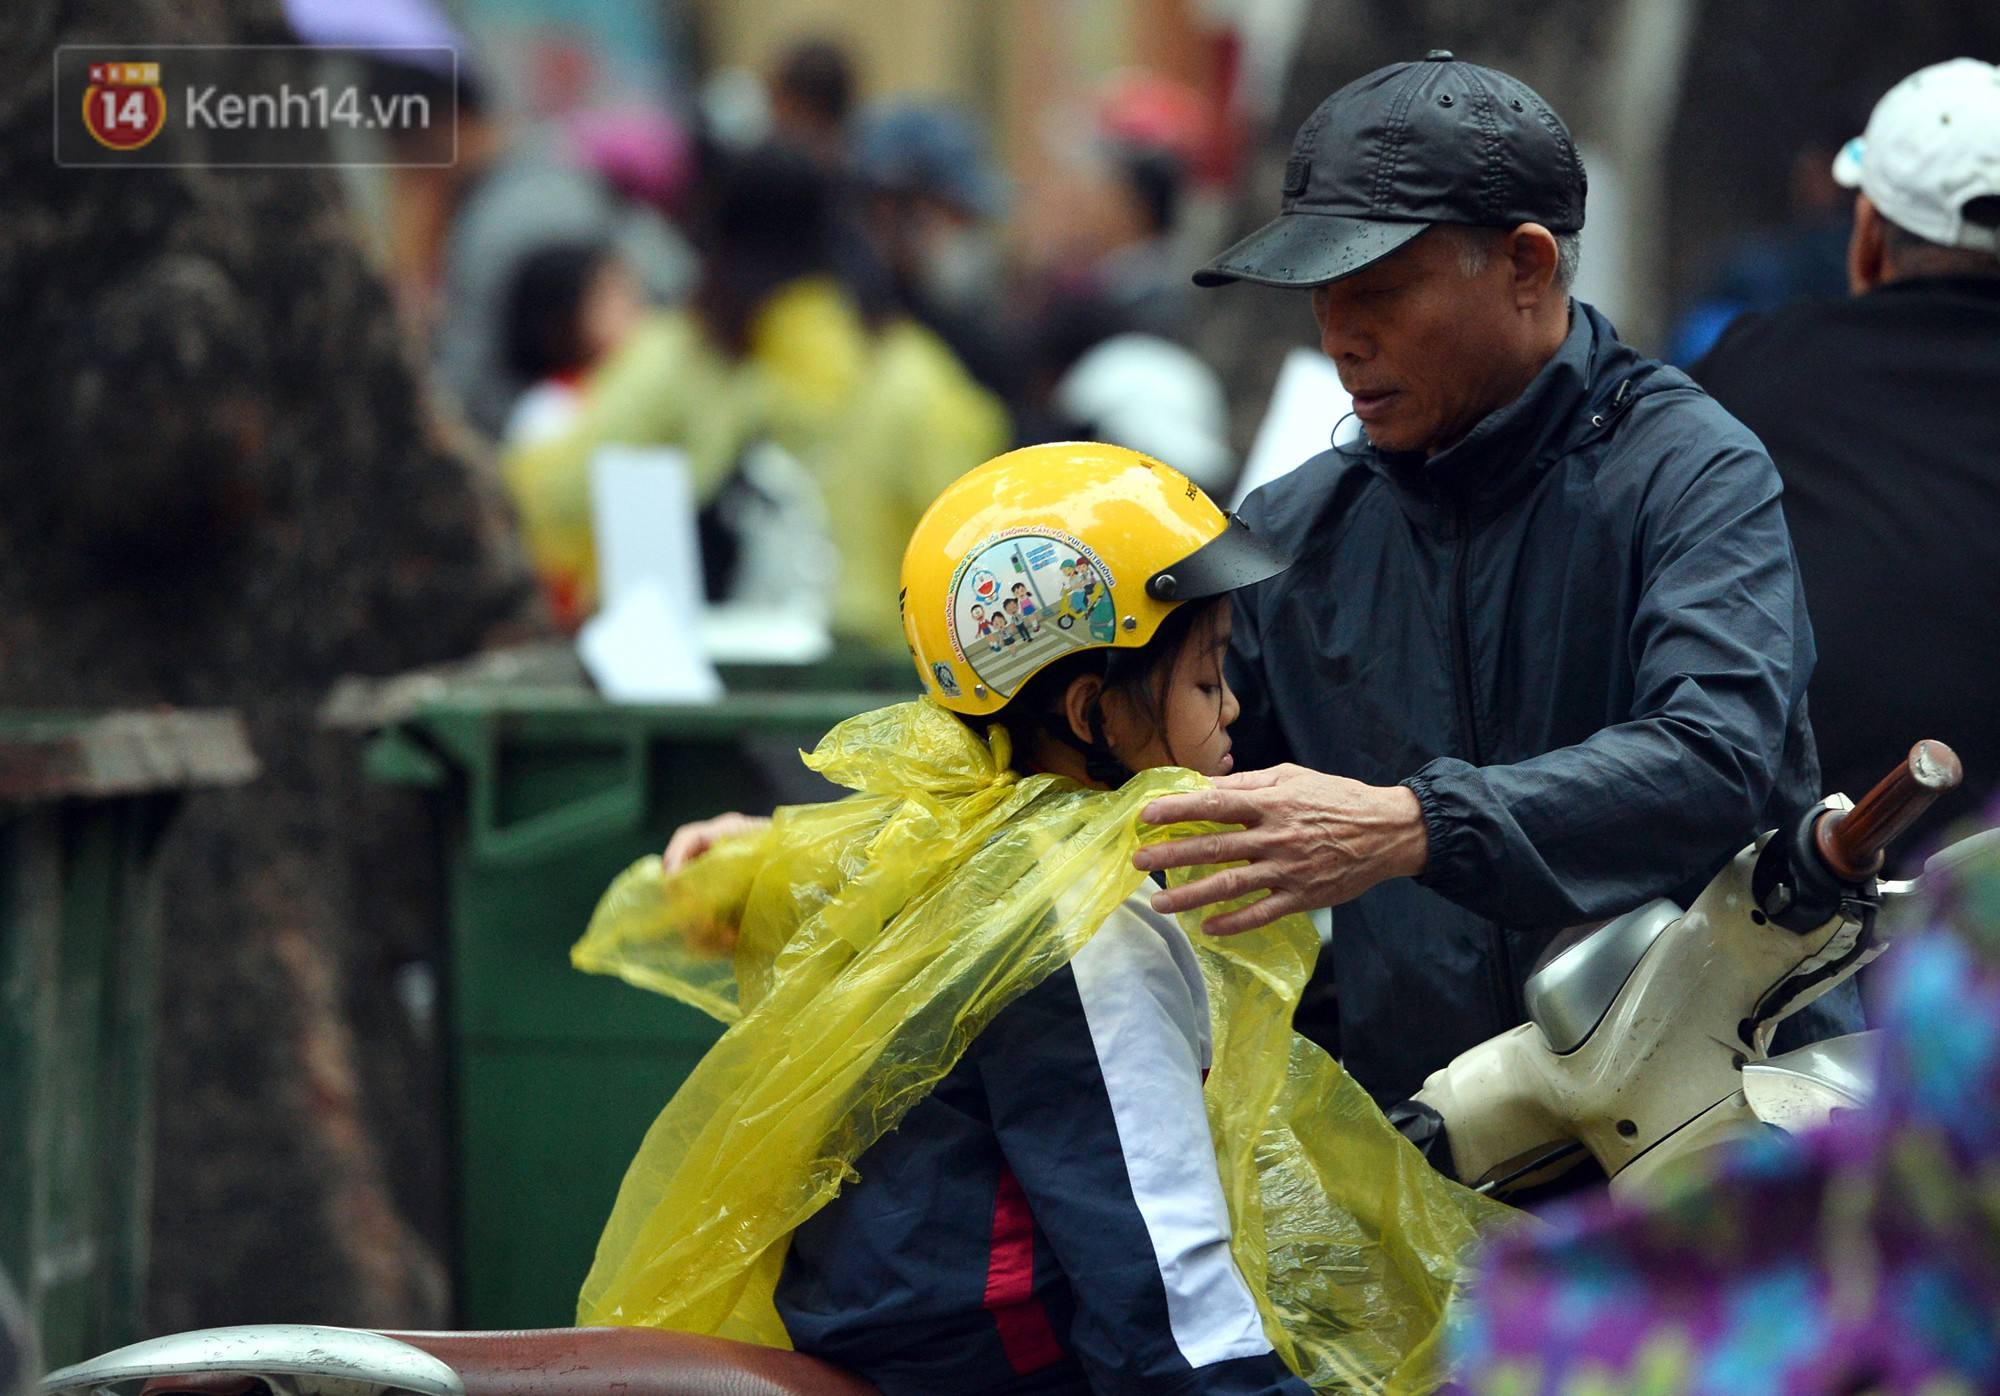 Chùm ảnh: Hà Nội giảm nhiệt độ, người mặc áo khoác dày, người quần đùi áo cộc xuống phố - Ảnh 11.